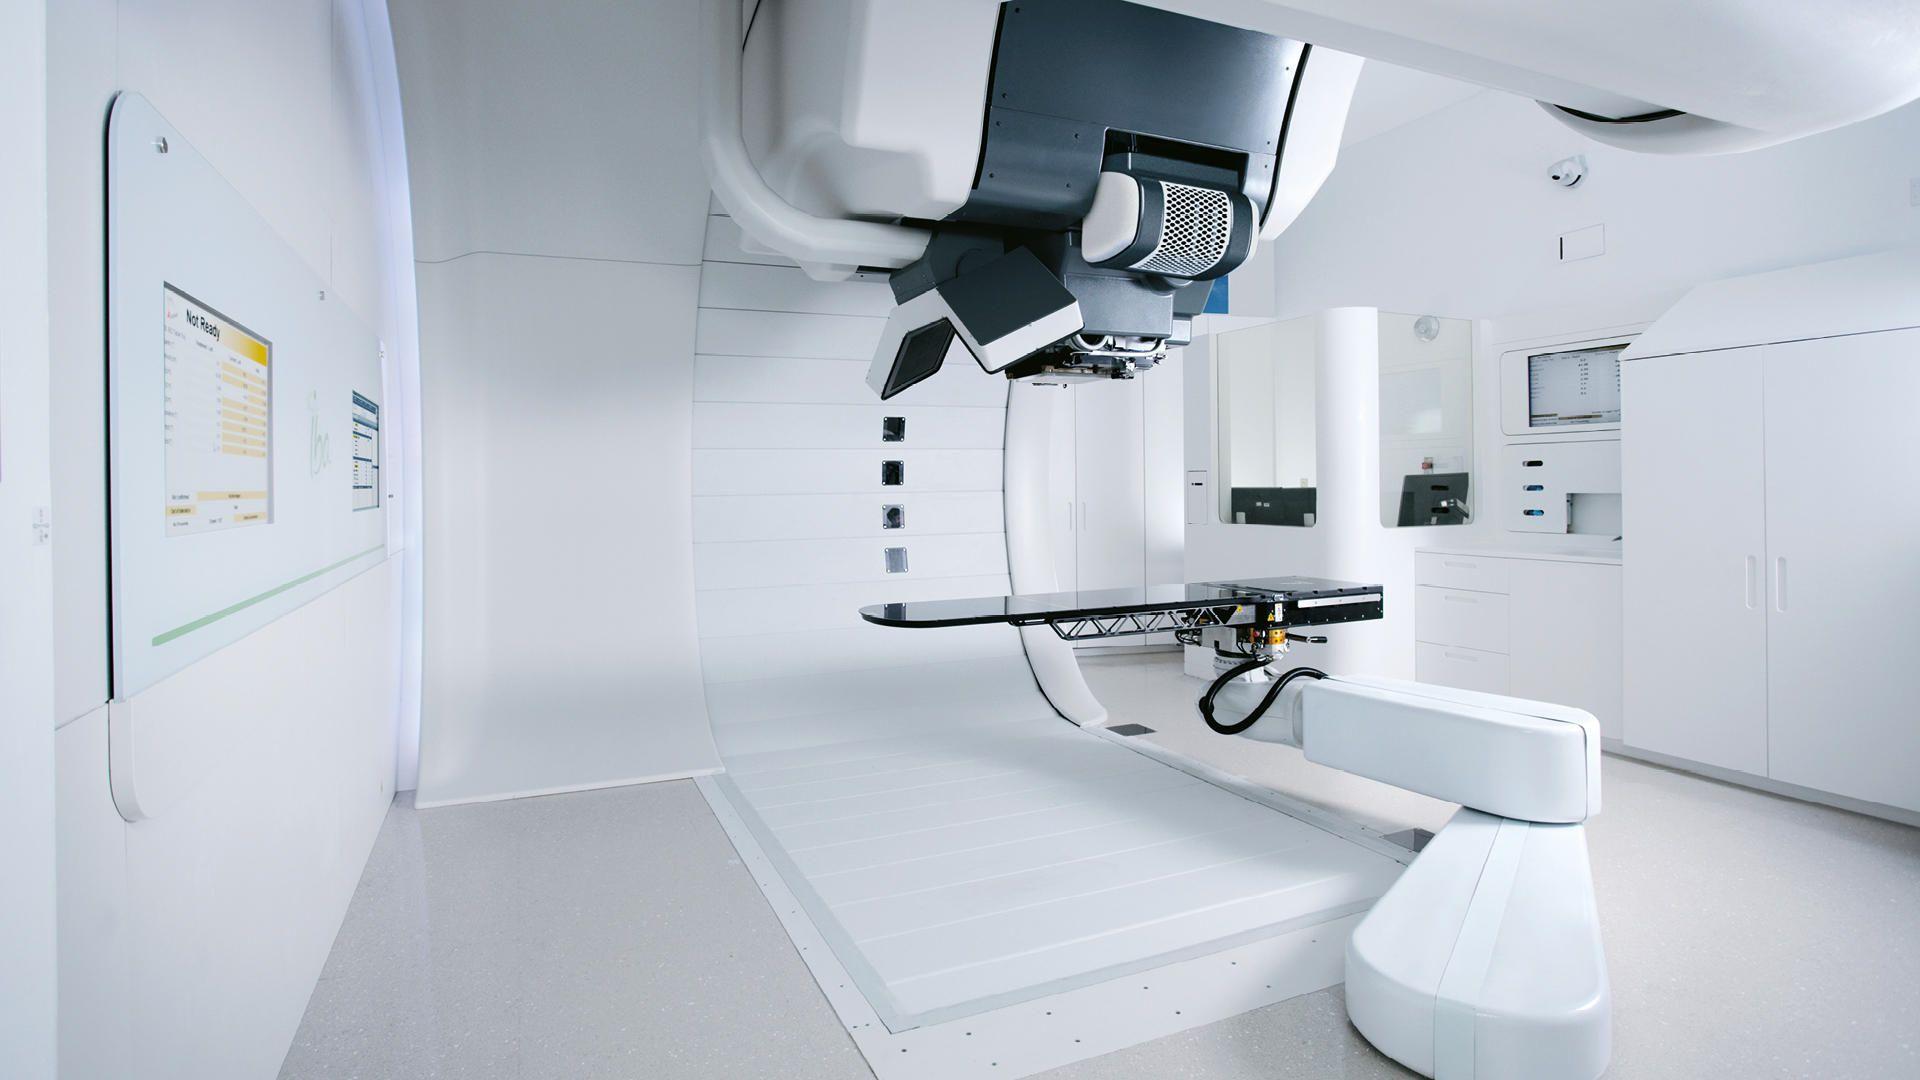 tratamiento de radiación con haz de protones para el cáncer de próstata